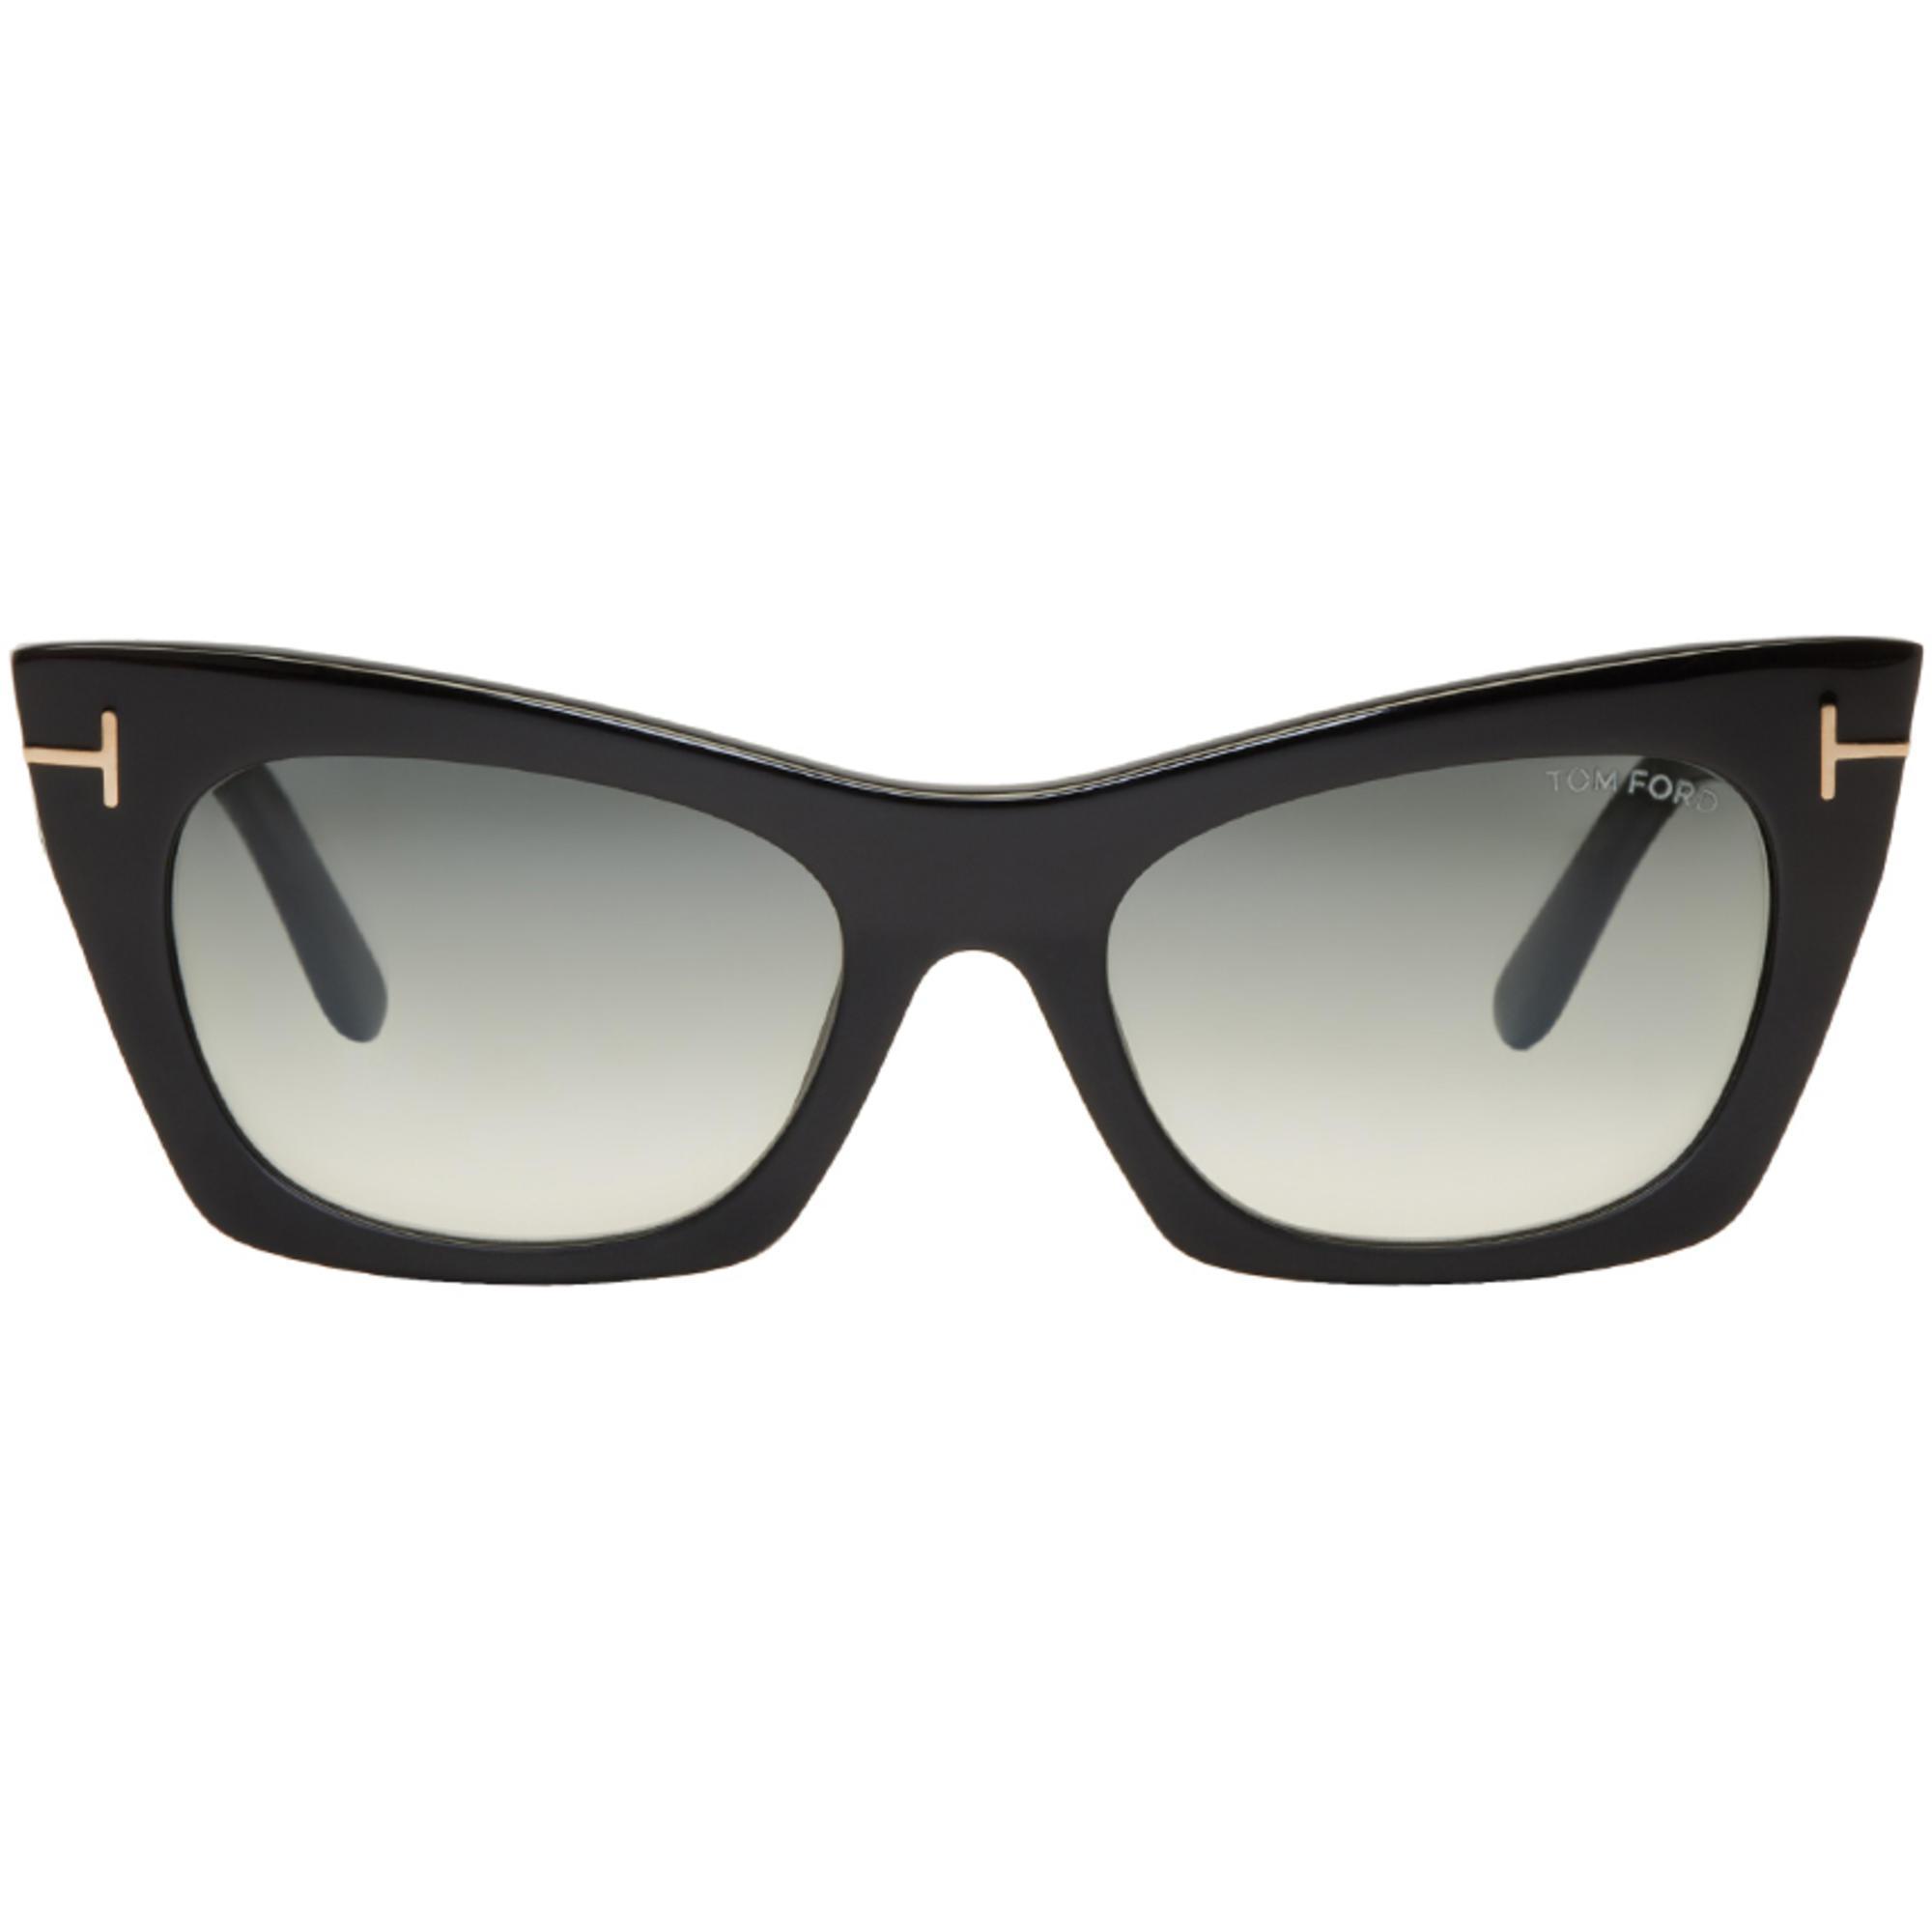 Lyst - Lunettes de soleil oeil-de-chat noires Kasia Tom Ford en ... fd13b1d398b4